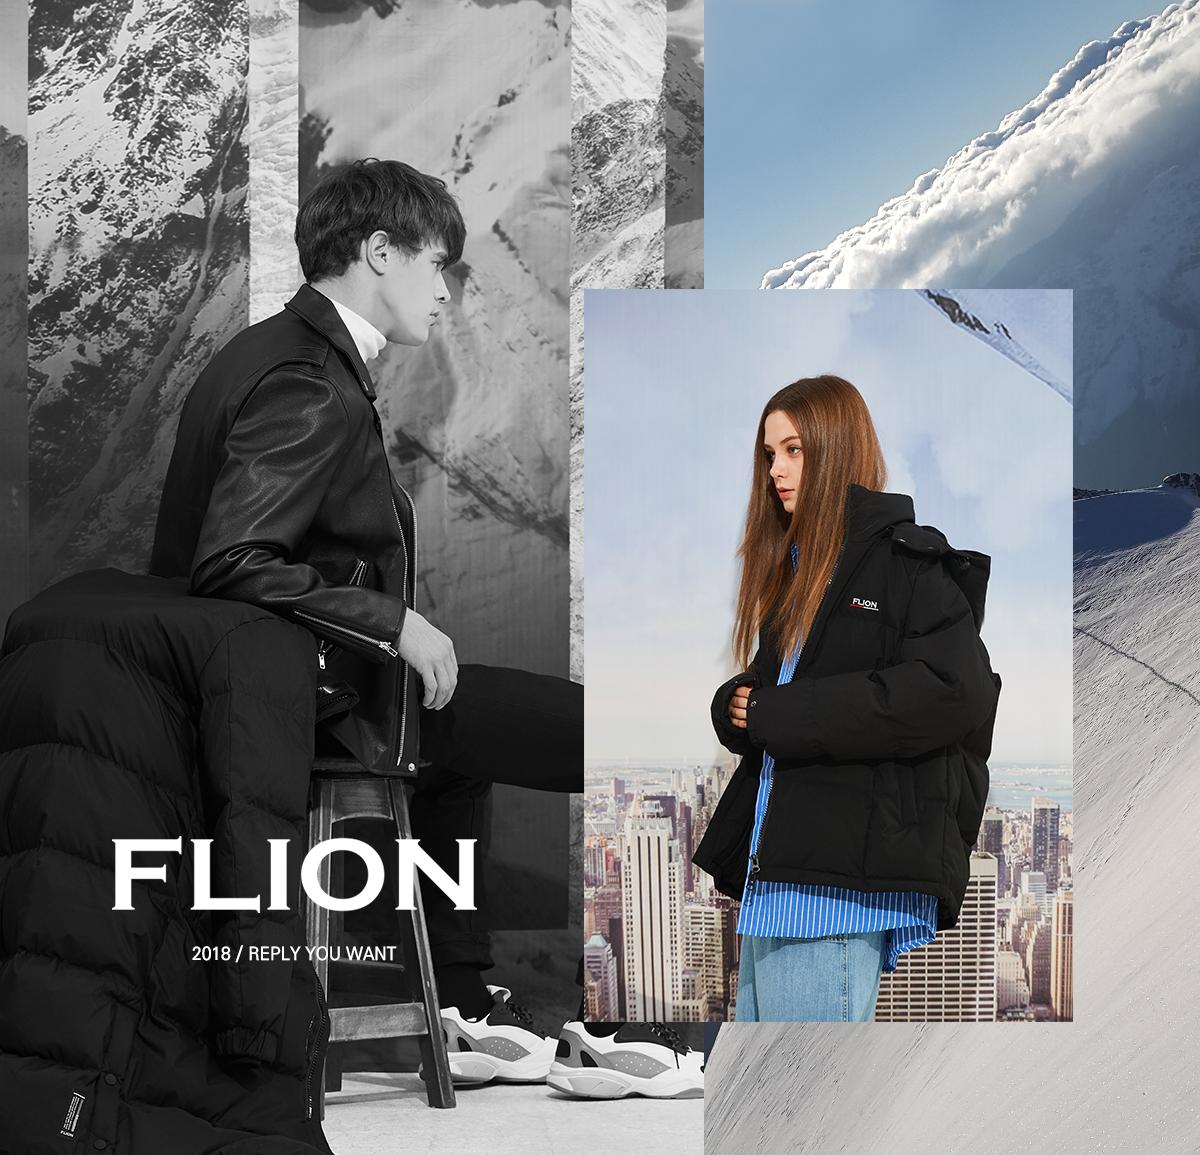 플리온(FLION) 레드라인 바인드 숏 패딩 점퍼